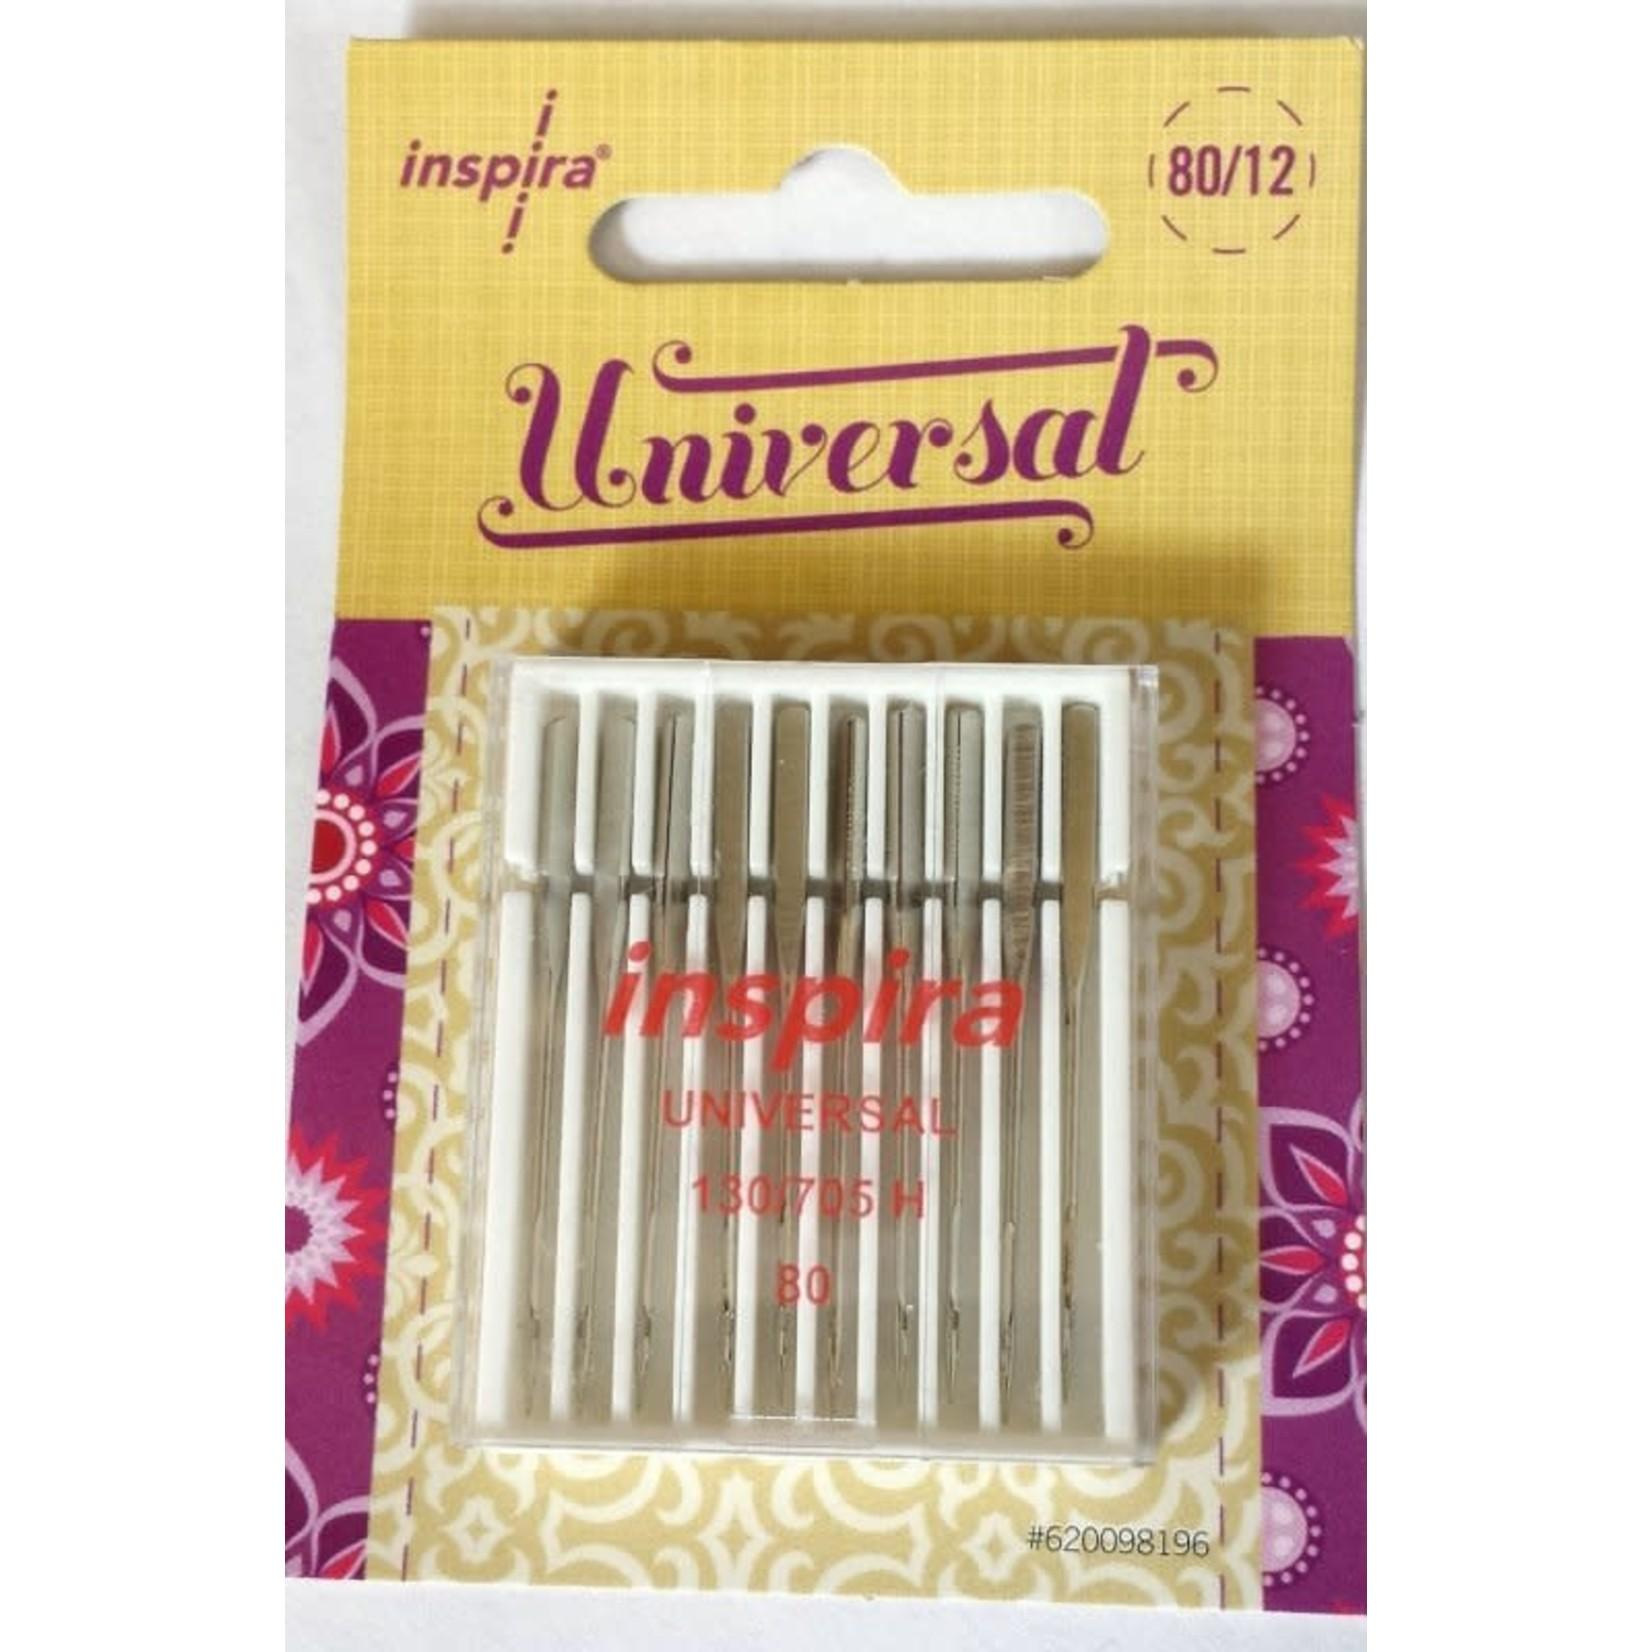 INSPIRA UNIVERSAL NEEDLES 80/12 10 pack